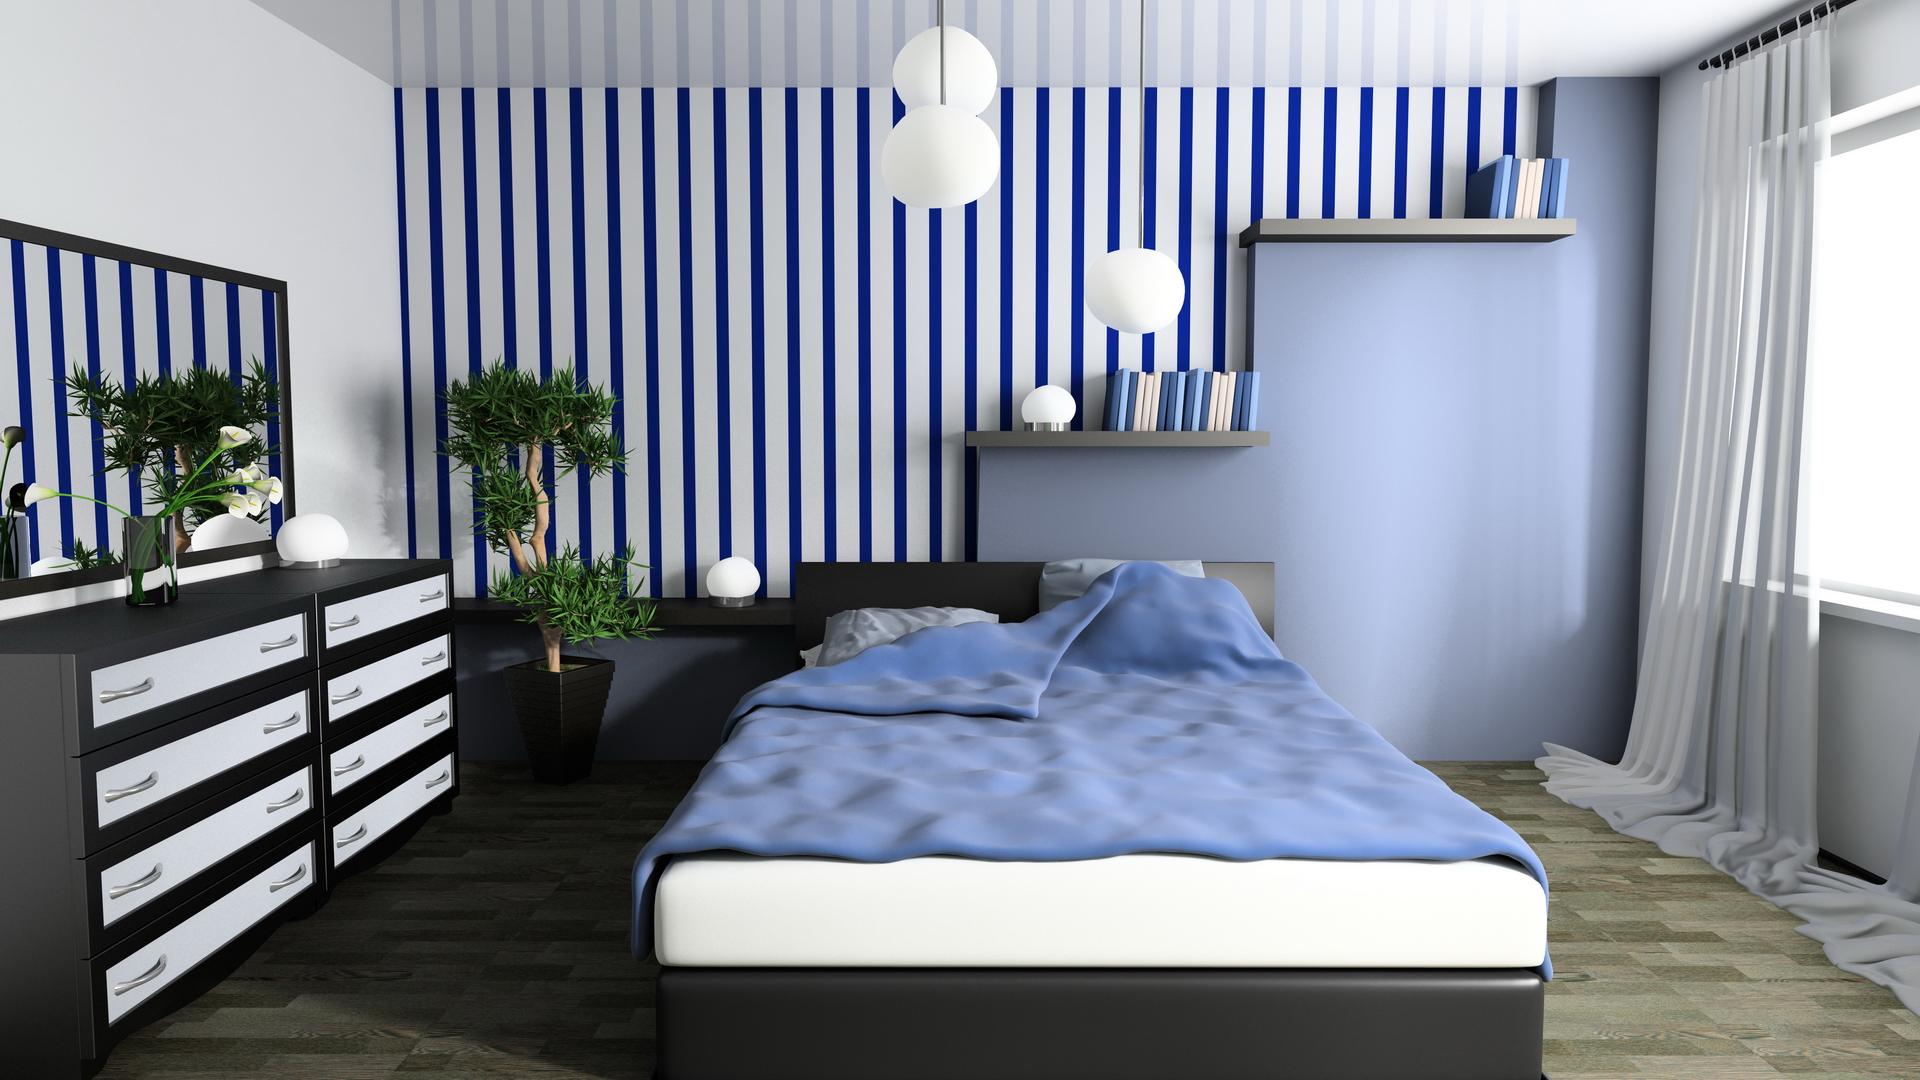 Как подобрать мебель для спальни, чтобы комната казалась больше